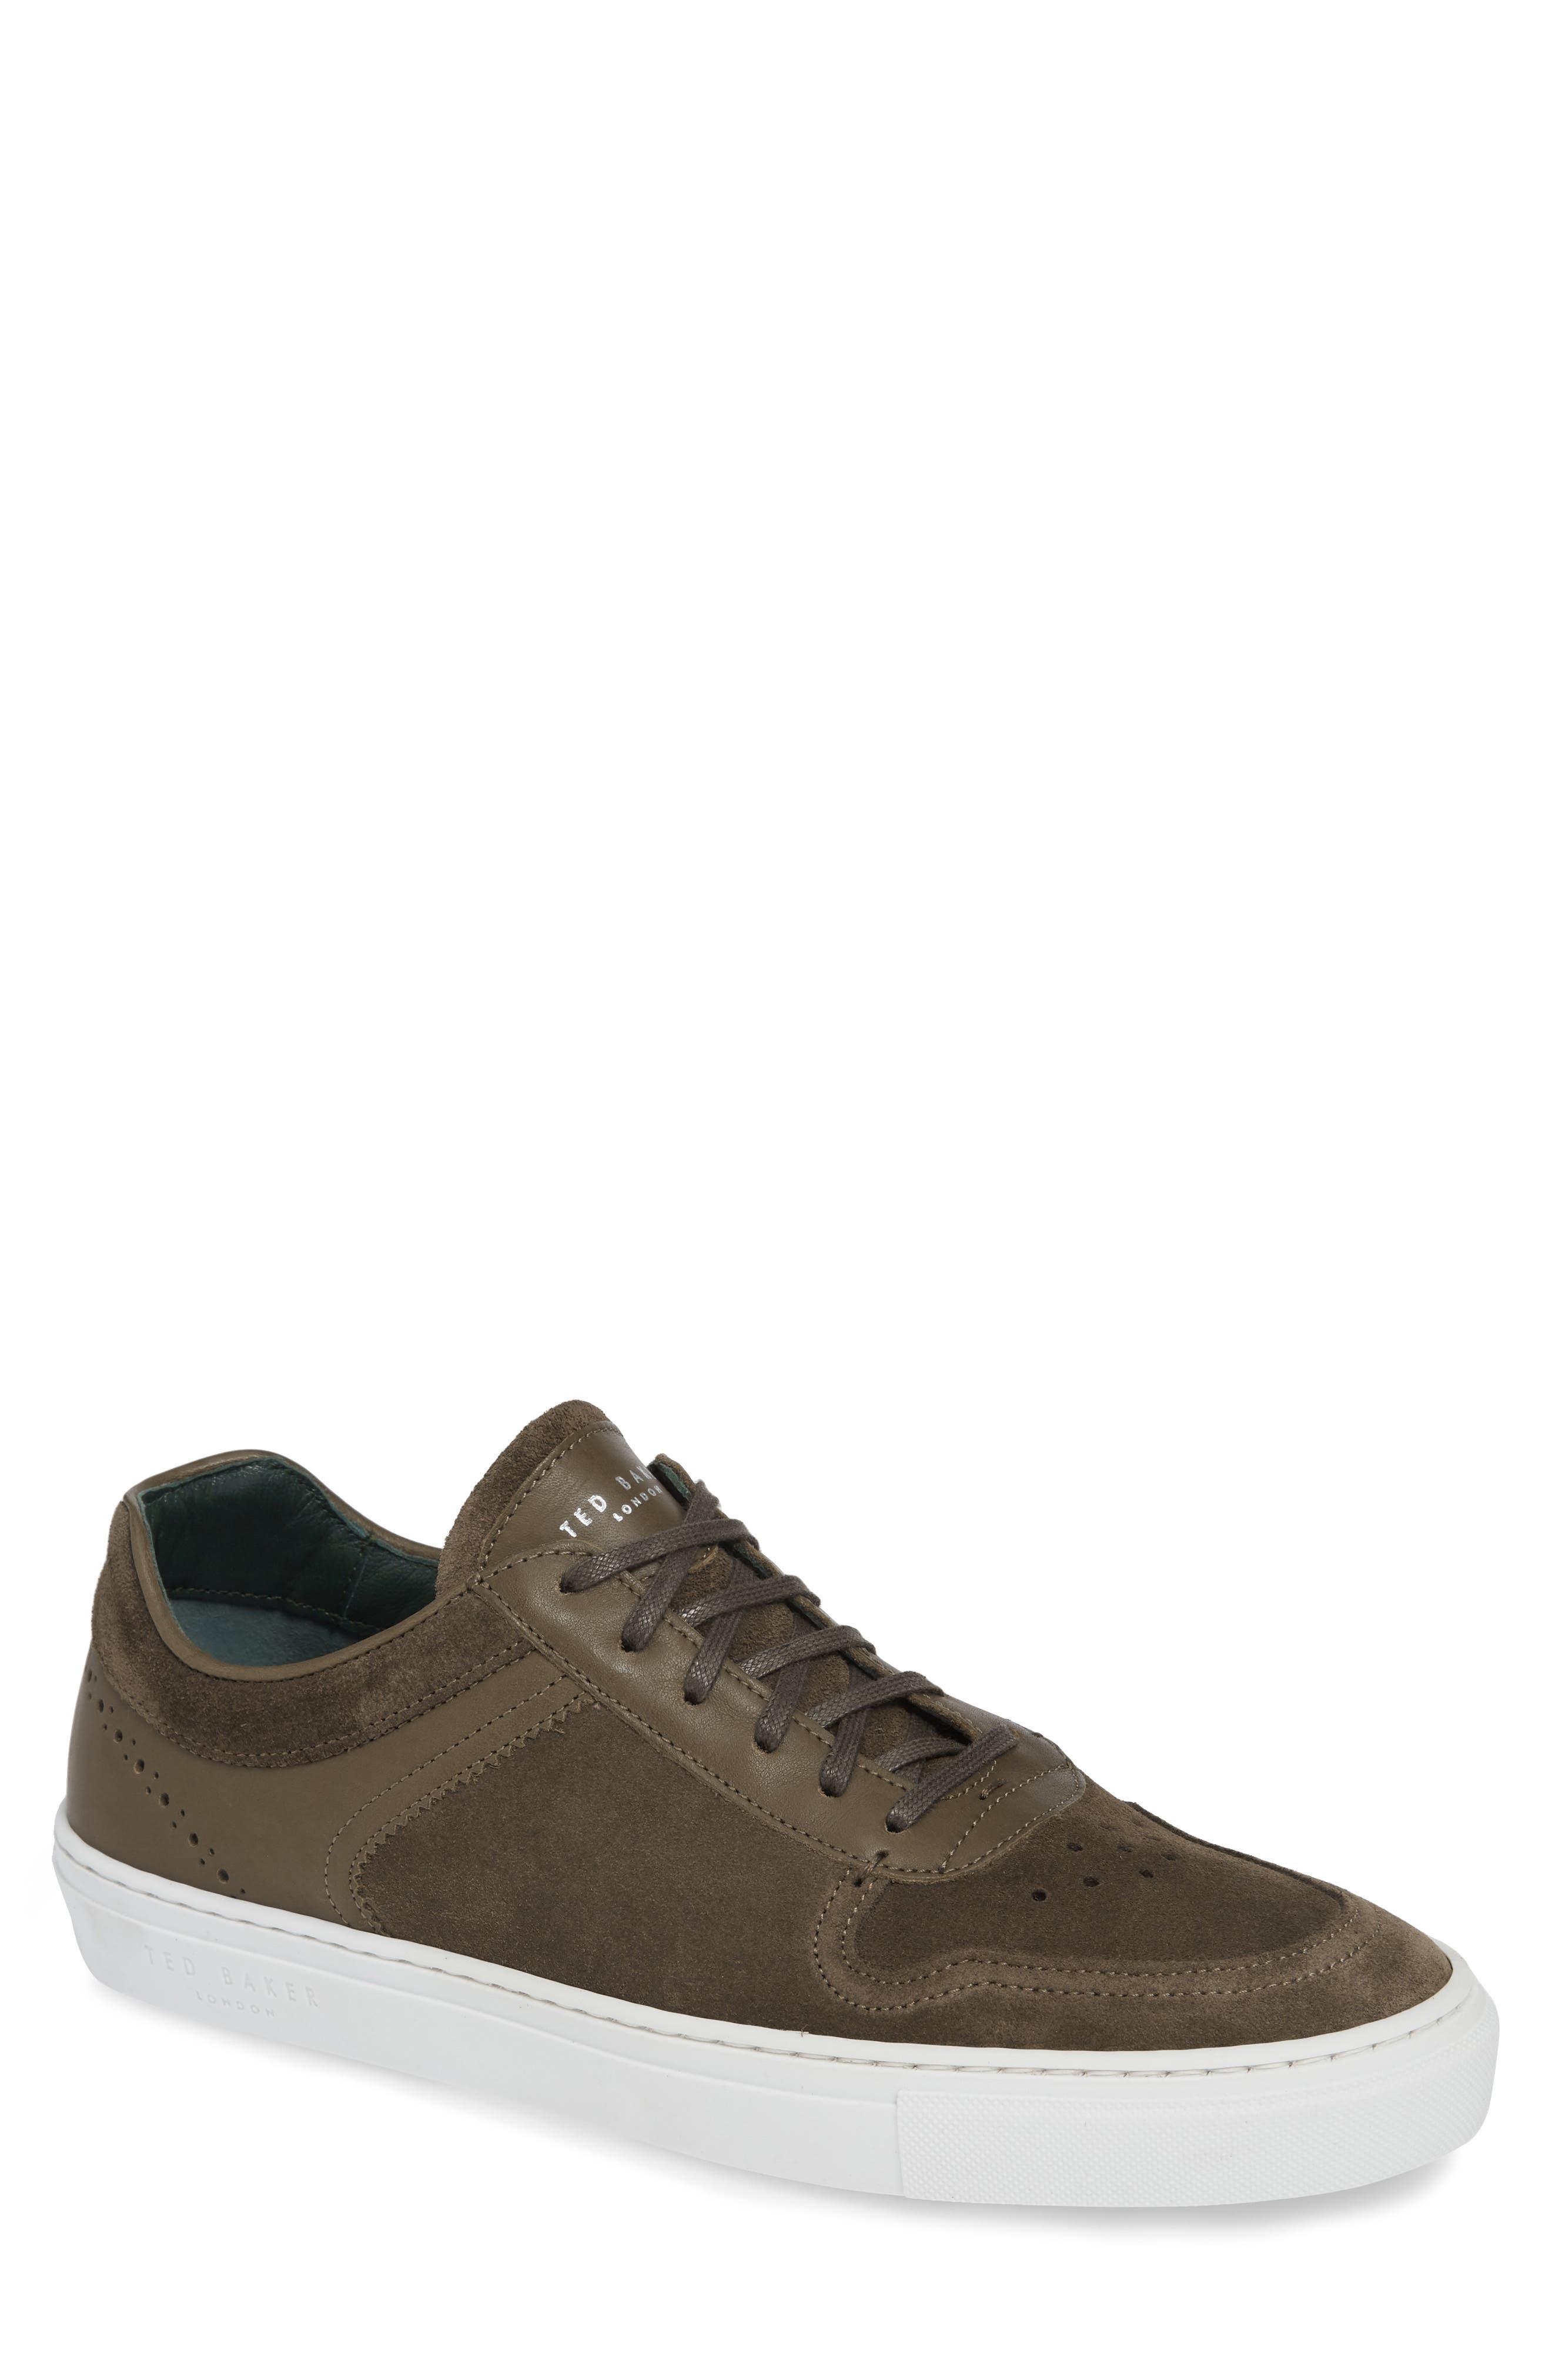 Burall Sneaker,                             Main thumbnail 1, color,                             DARK GREEN SUEDE